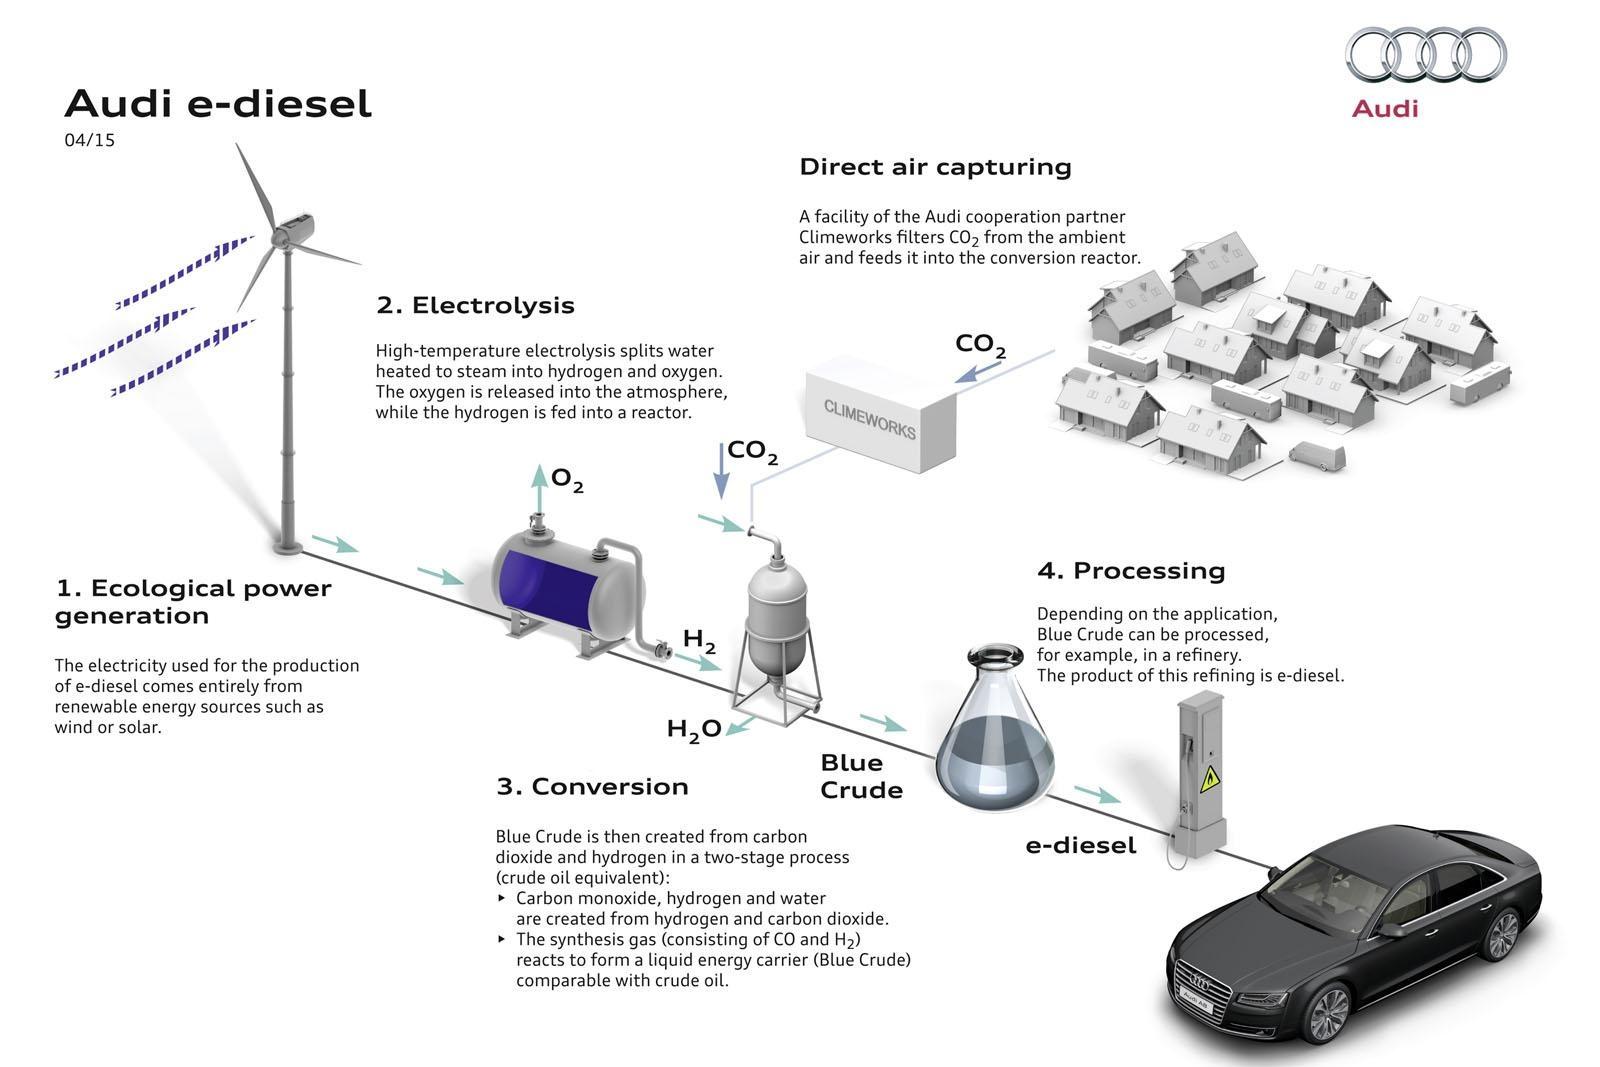 Audi Eco Diesel